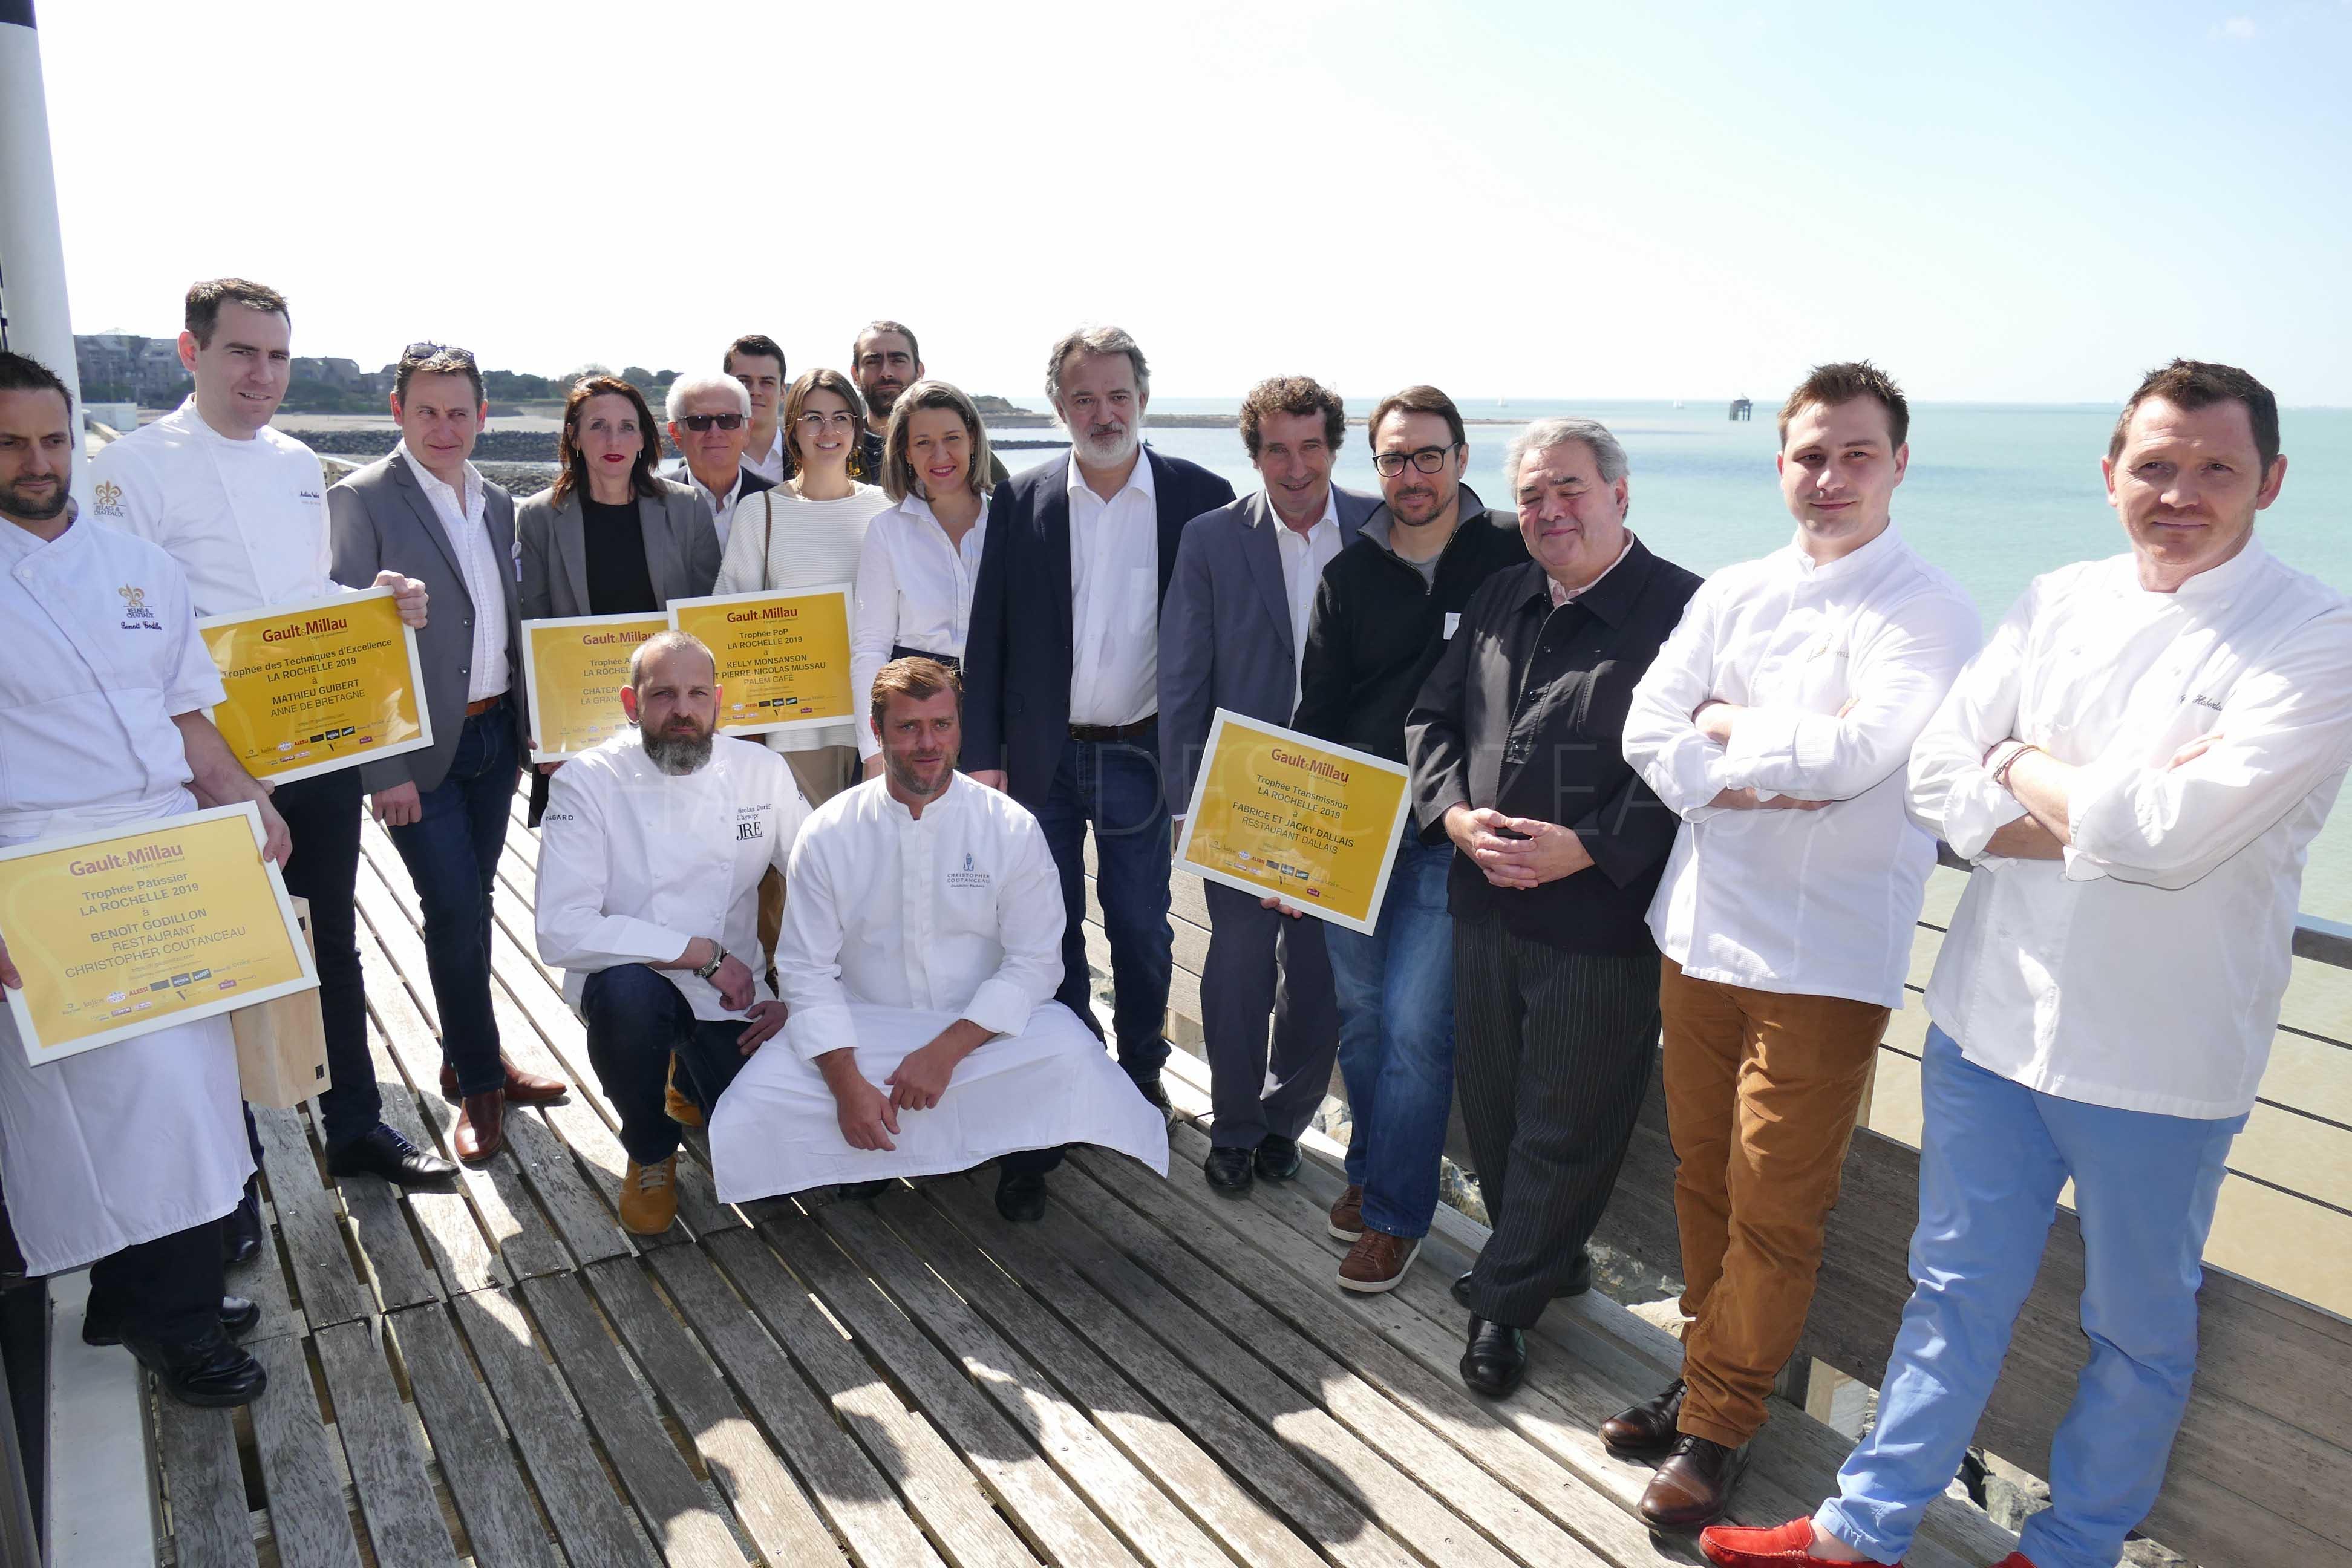 Gault&Millau Tour La Rochelle - Les Trophées